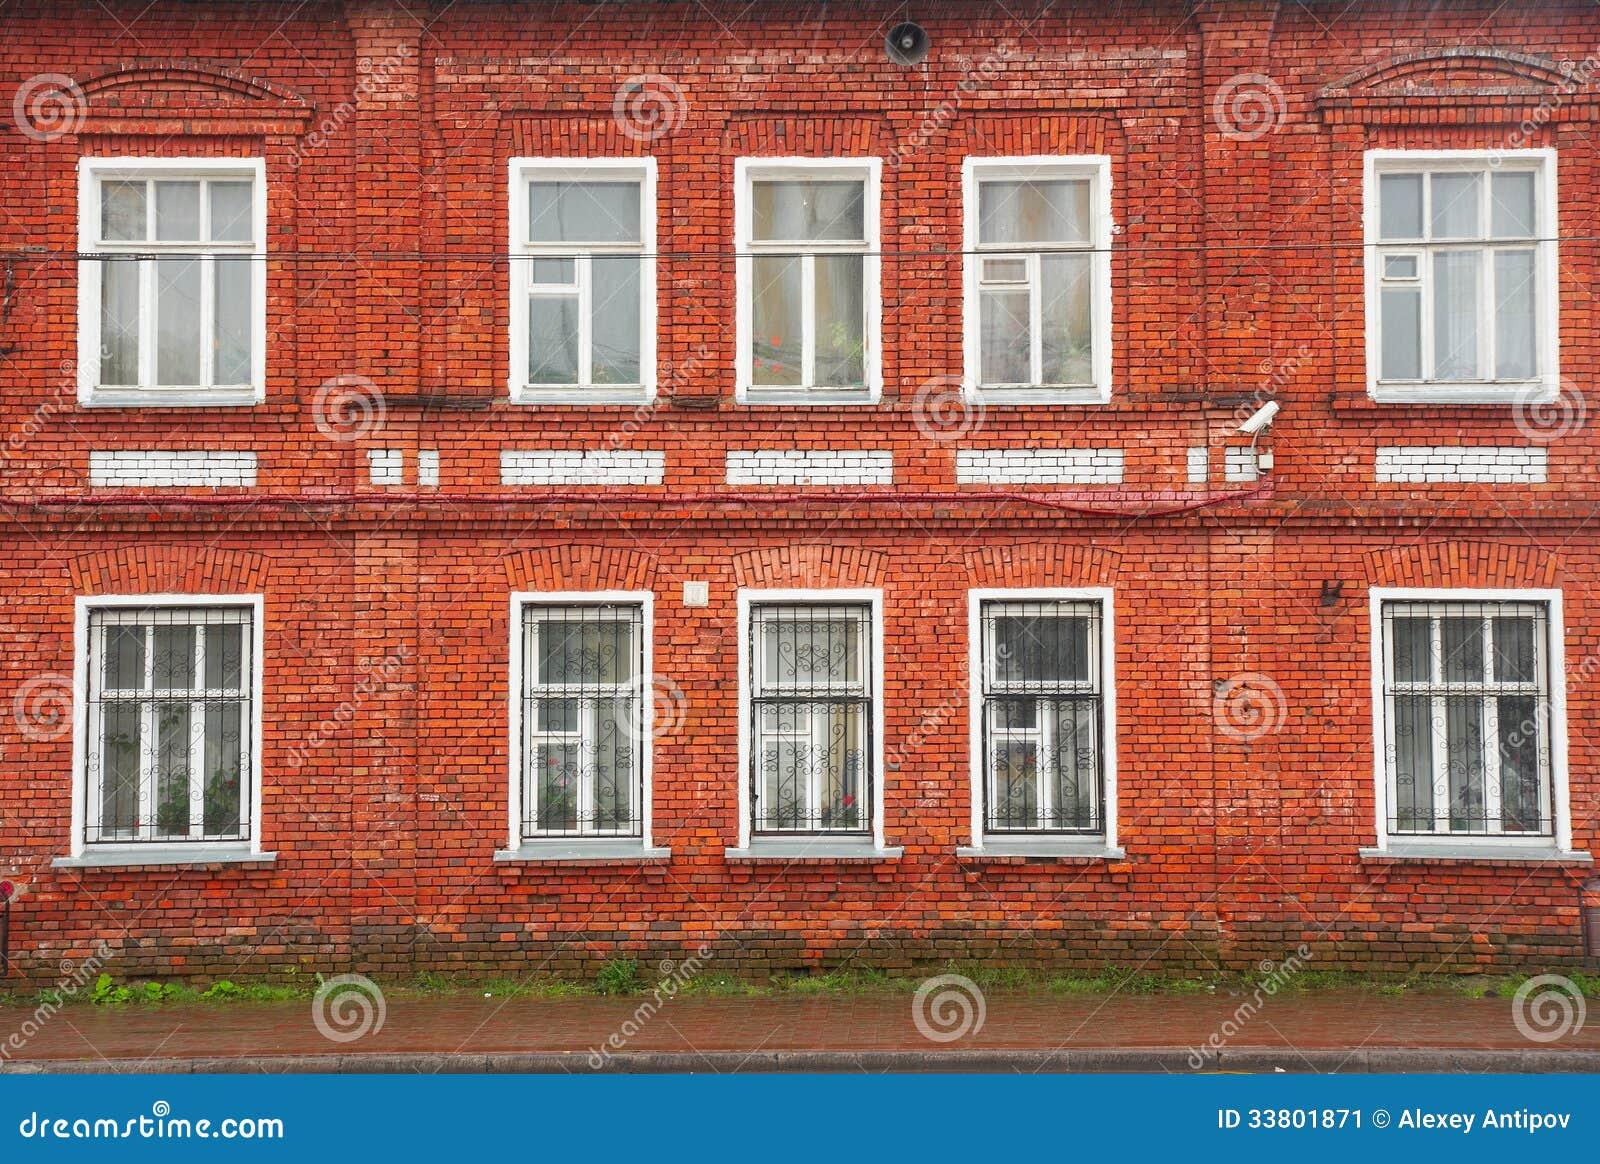 Fachada de la casa vieja del ladrillo rojo imagen de for Fachada de ladrillo